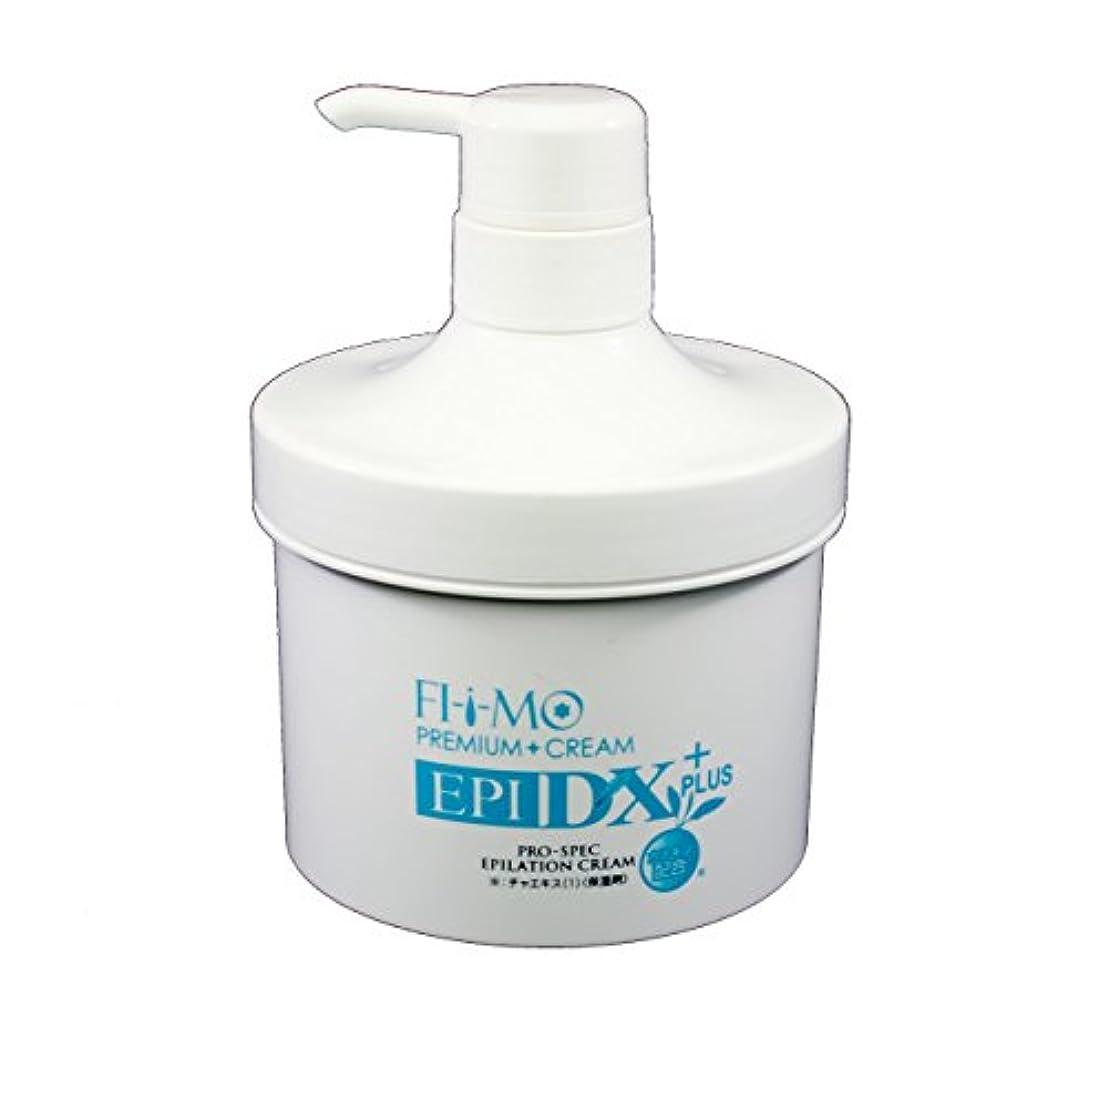 破滅的な特許エキサイティング男女兼用除毛クリーム FI-i-MO エピDX PLUS 500g